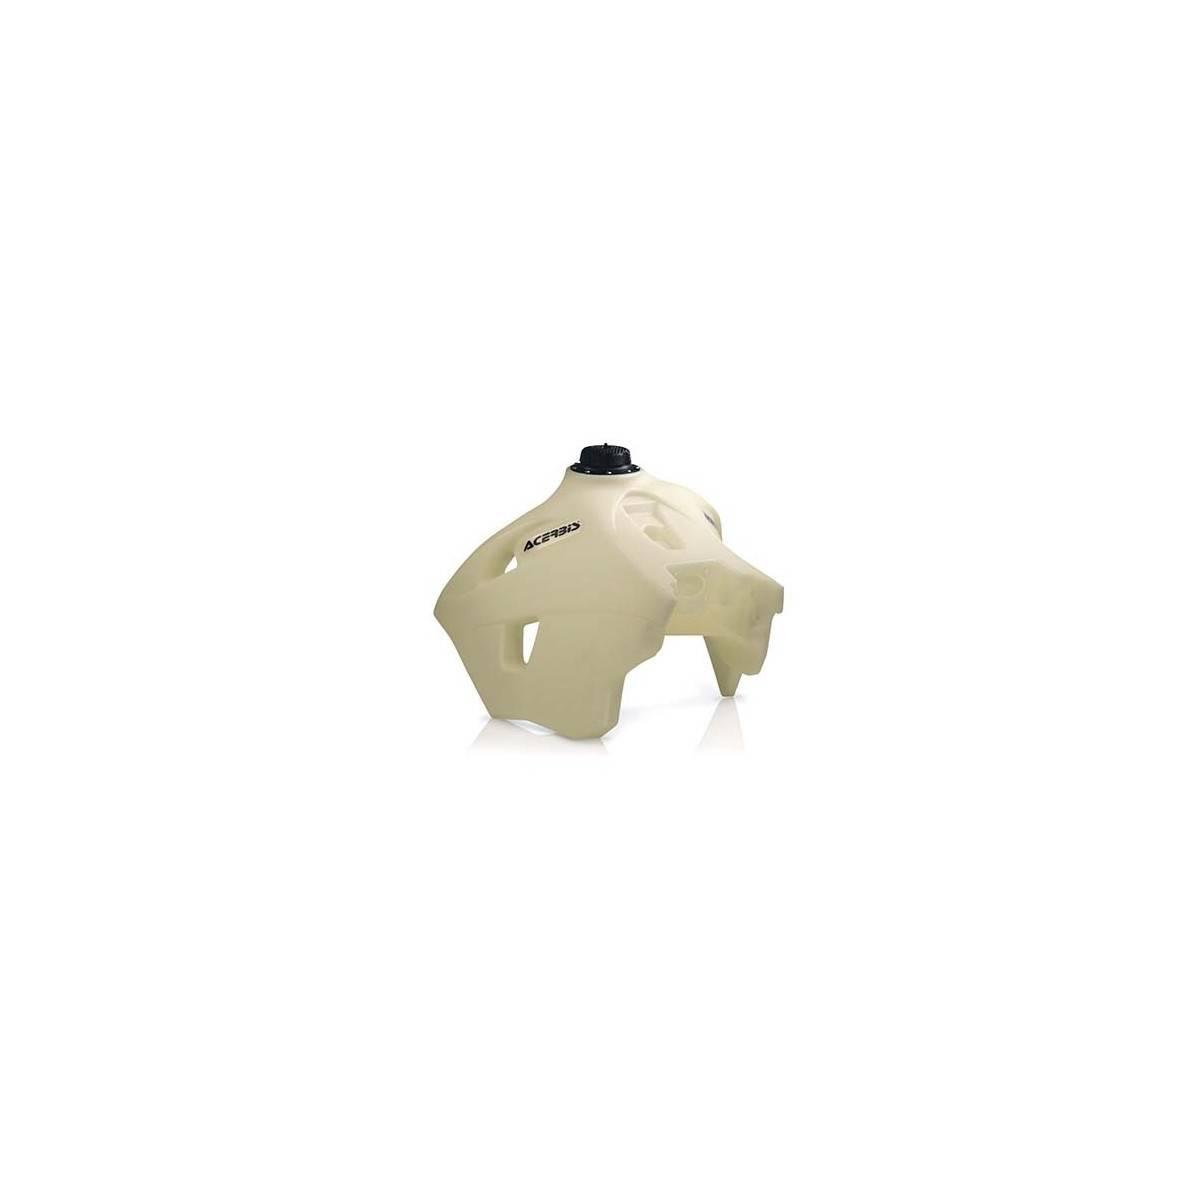 0007606-030 - Deposito Acerbis Yamaha Spoiler Atc Yzf 450 Blanco